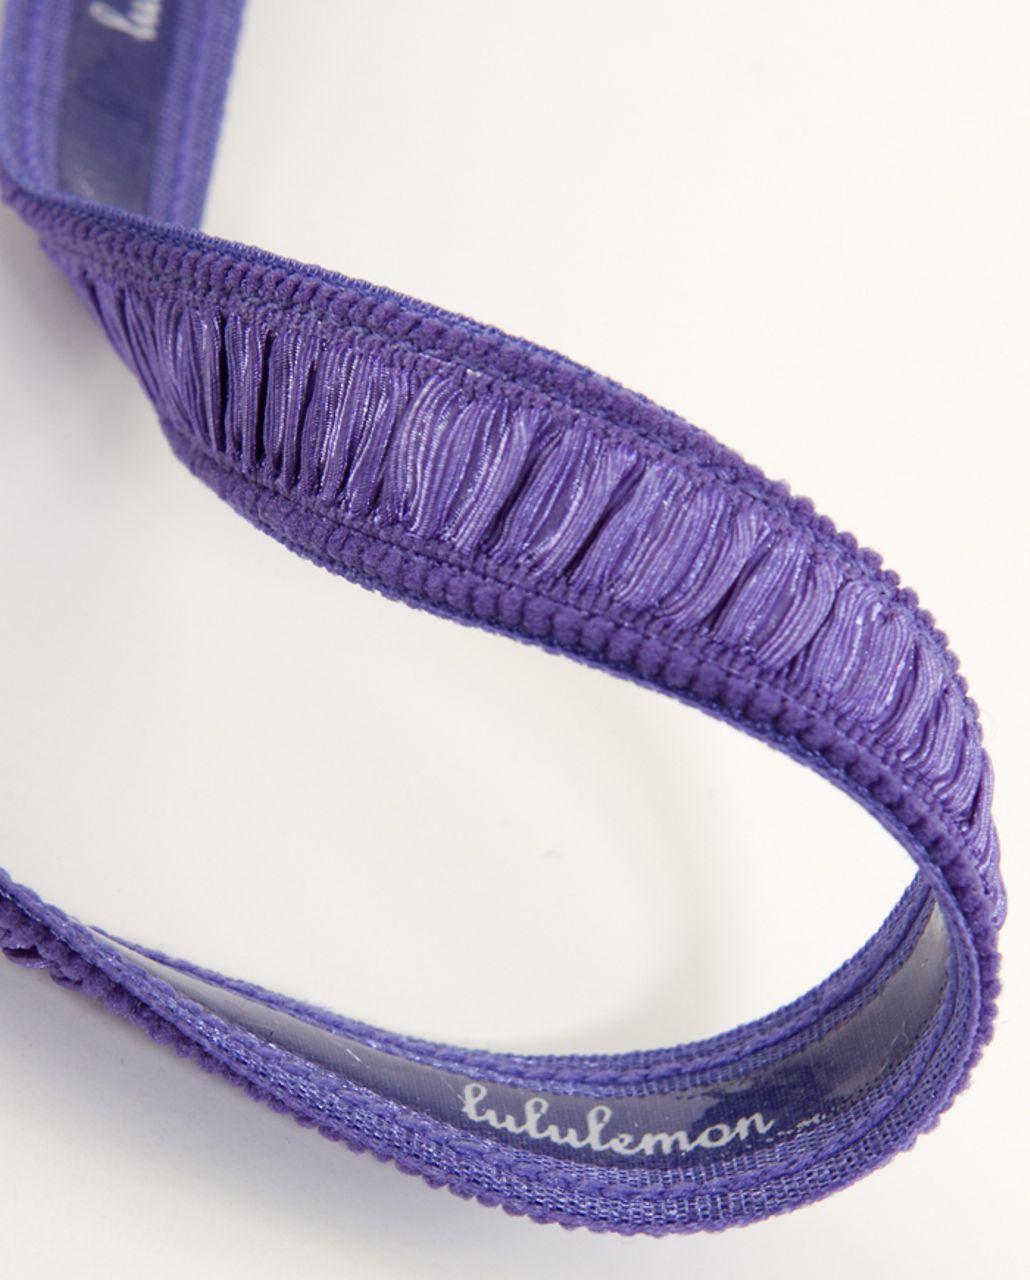 Lululemon Skinny Satin Pirouette *Special Edition - Persian Purple